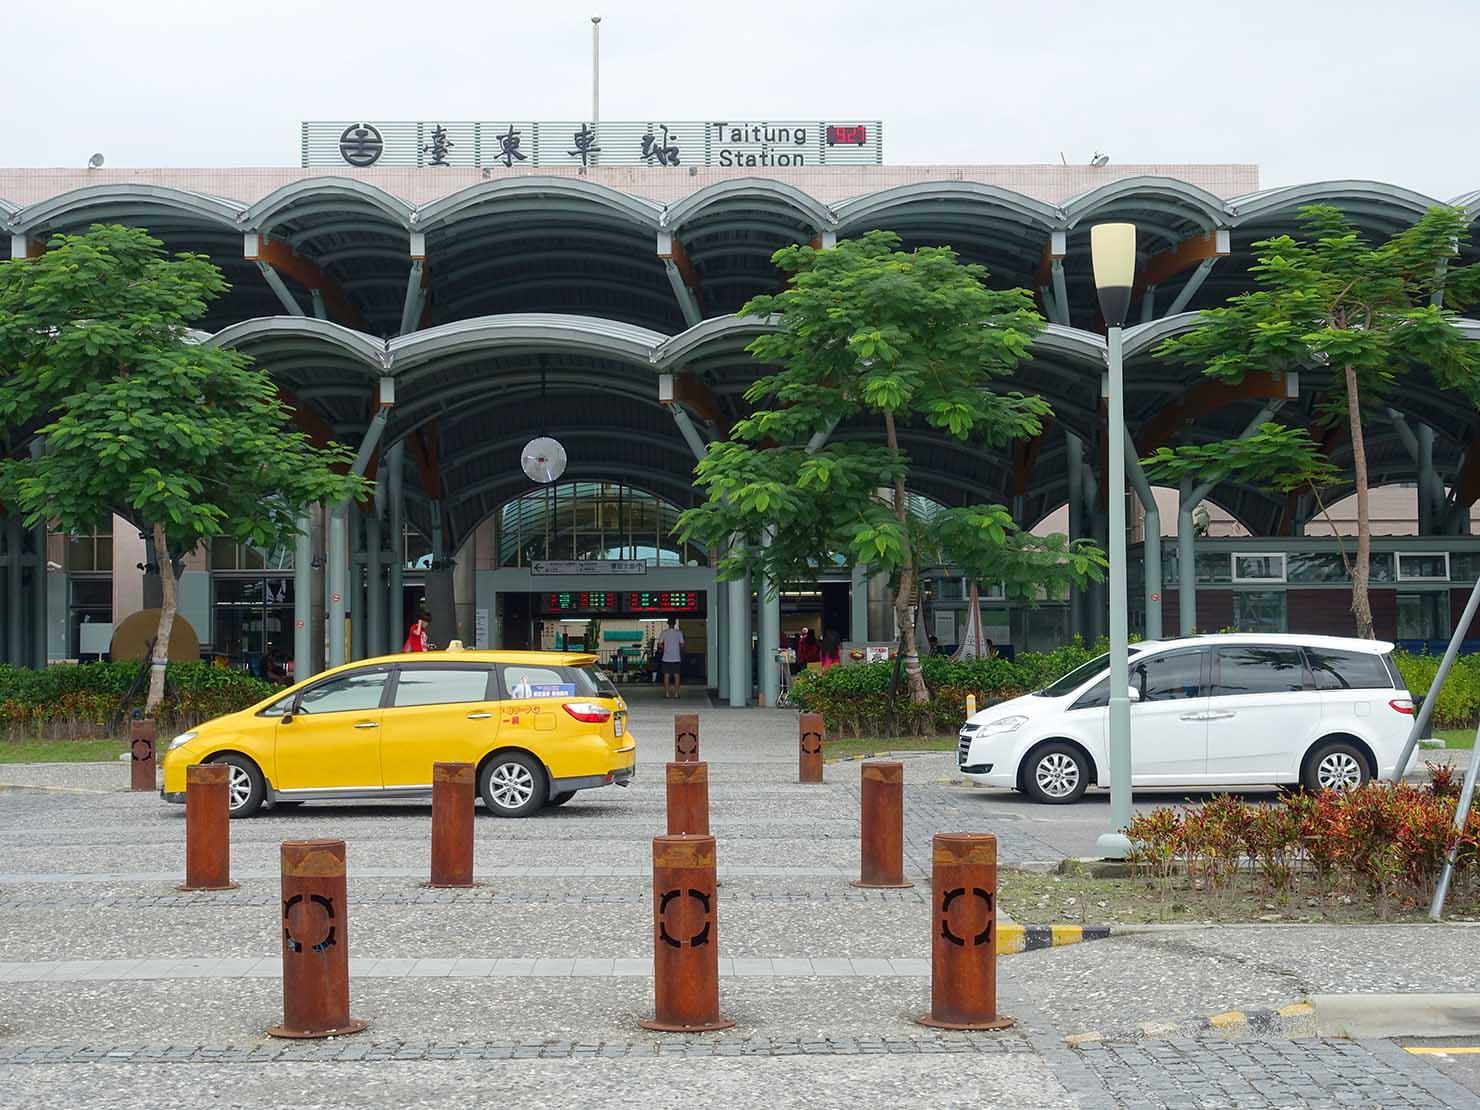 台鐵(台湾鉄道)台東駅